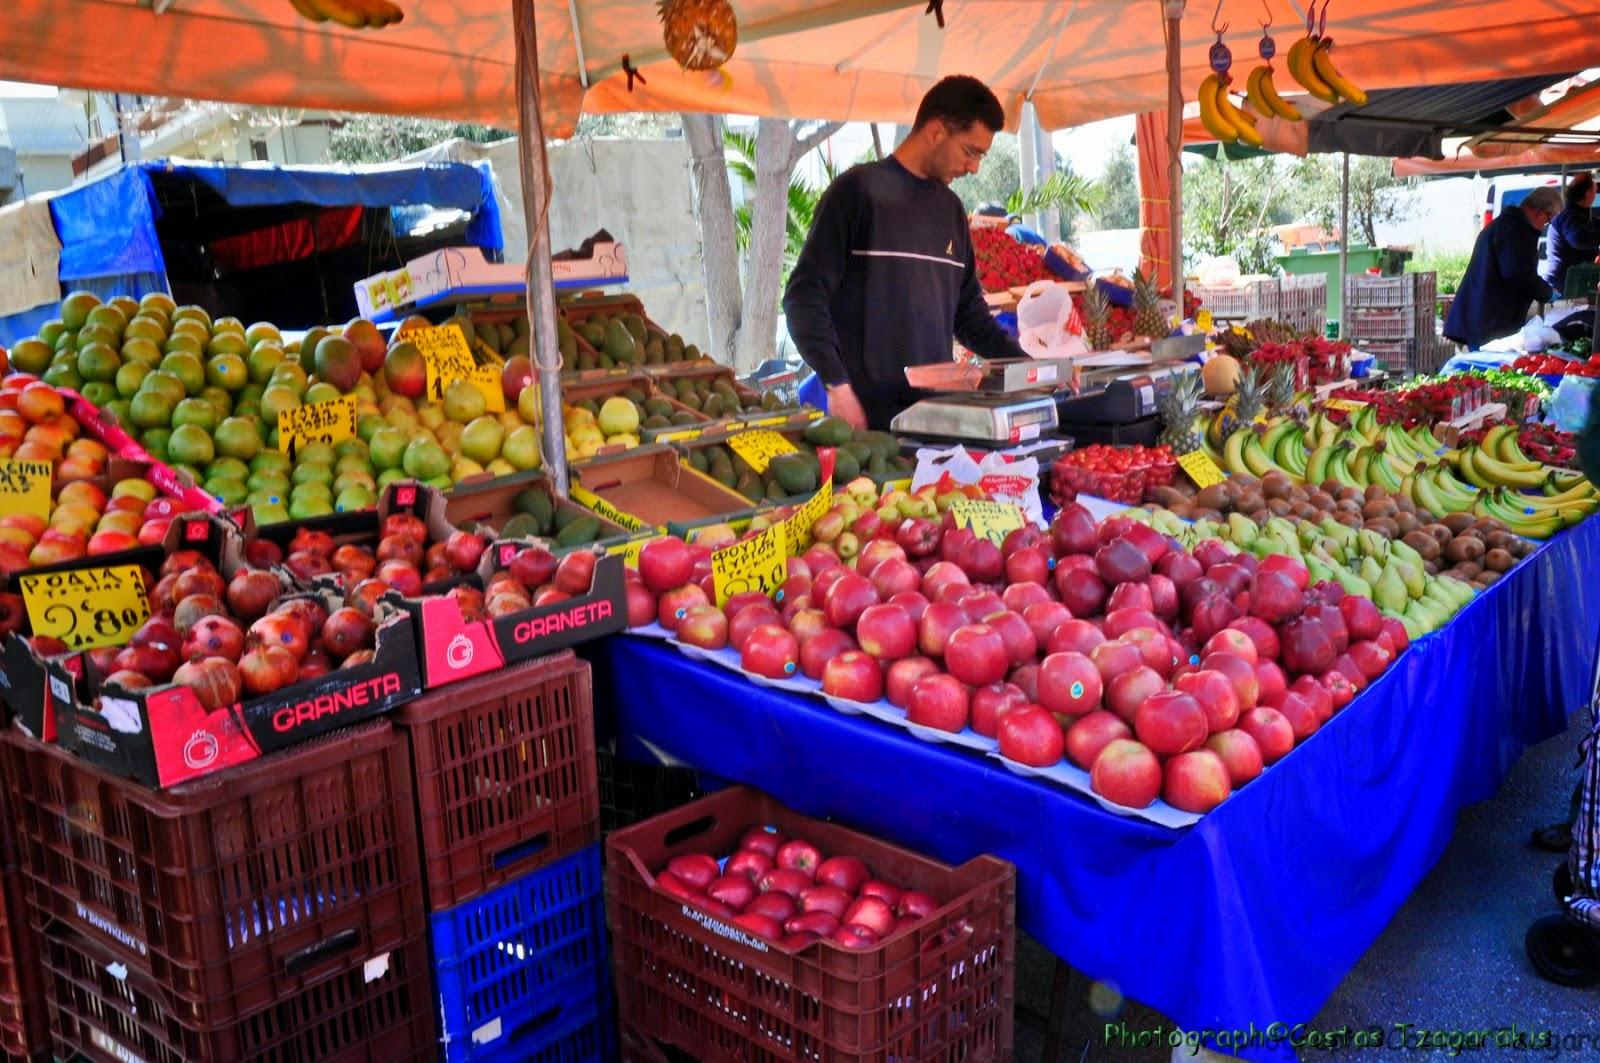 Αναστέλλεται η λειτουργία των λαϊκών αγορών στον Δήμο Κομοτηνής ...